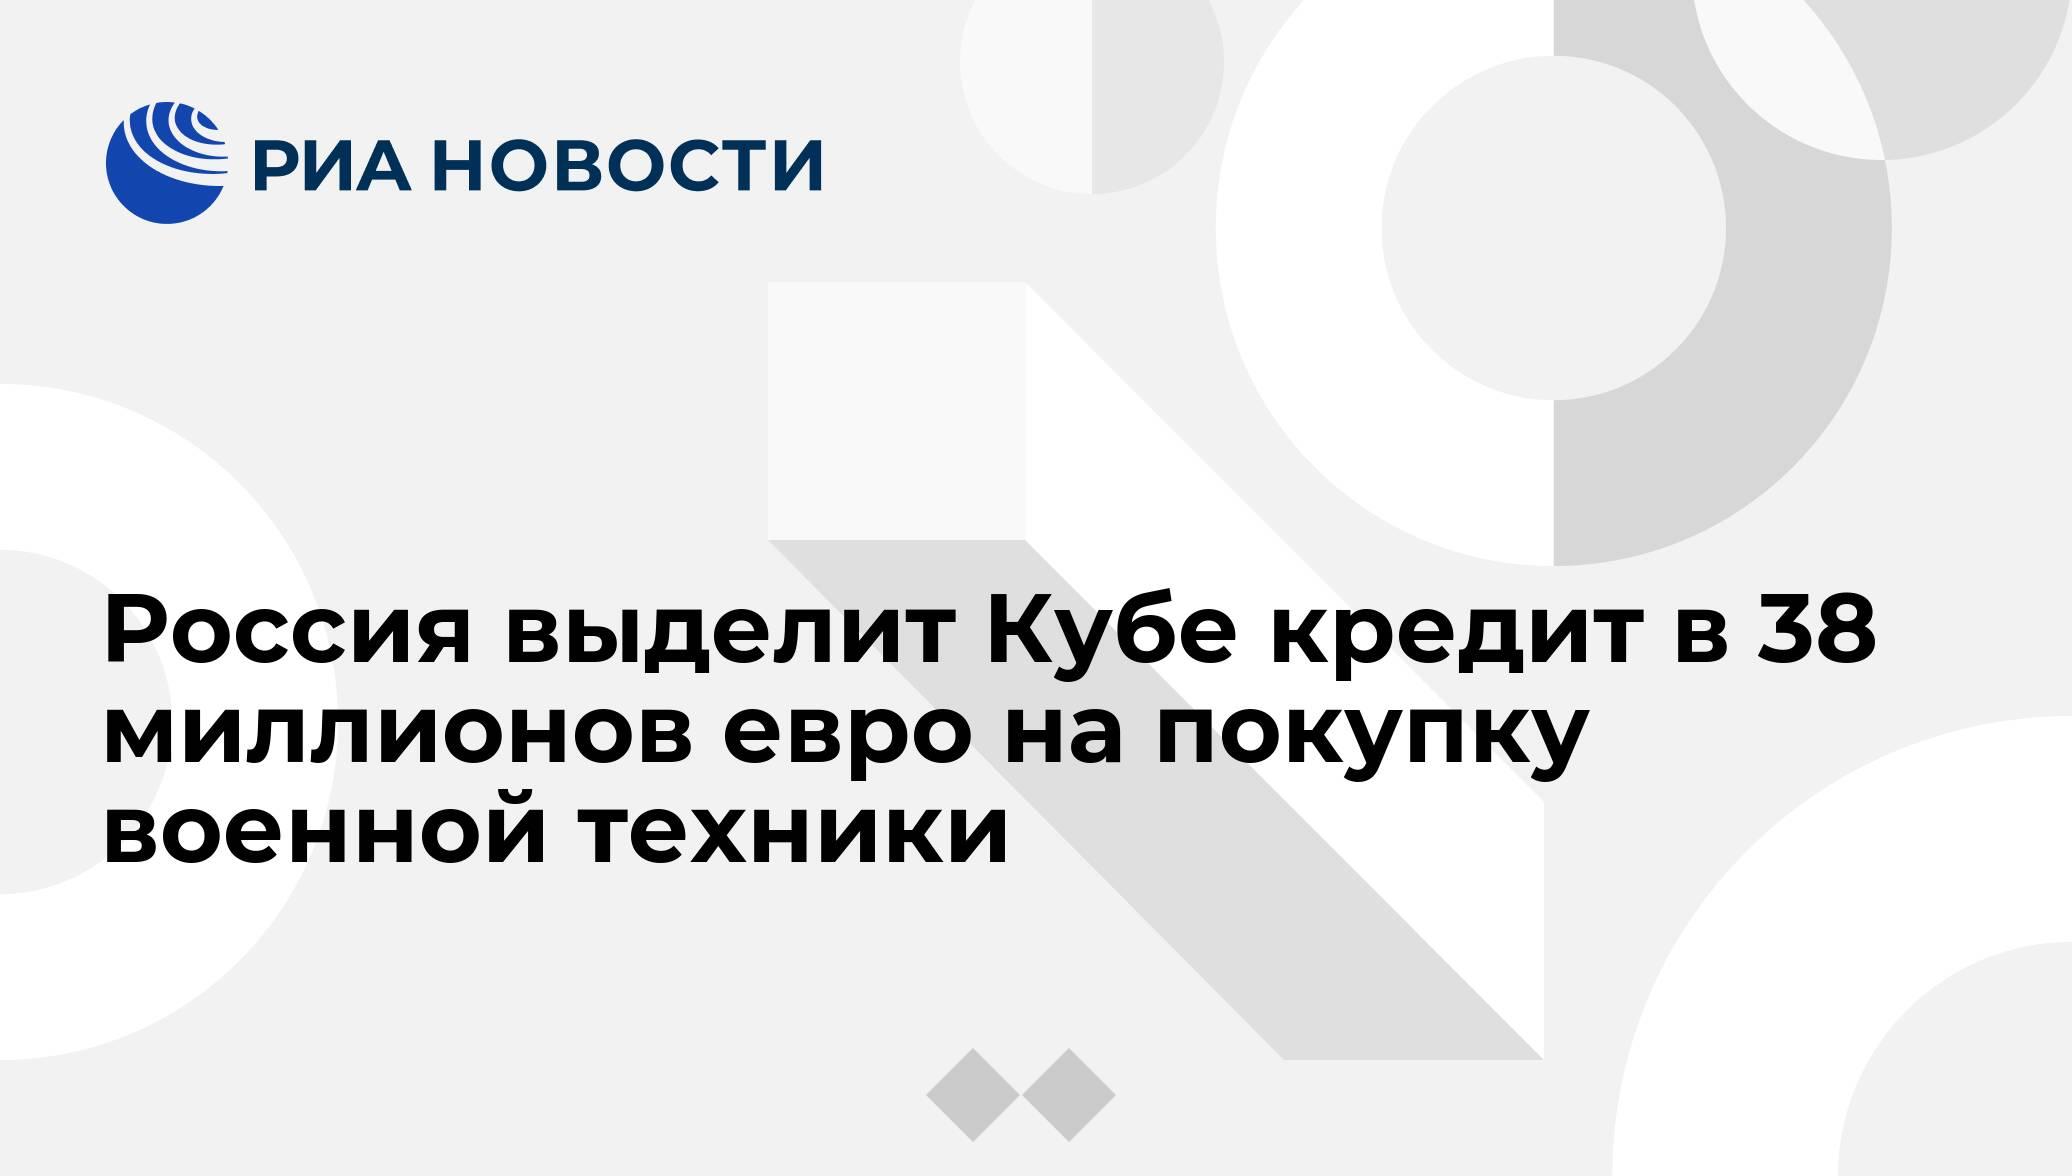 кредита на покупку в россииипотека под строительство частного дома сбербанк калькулятор 2020